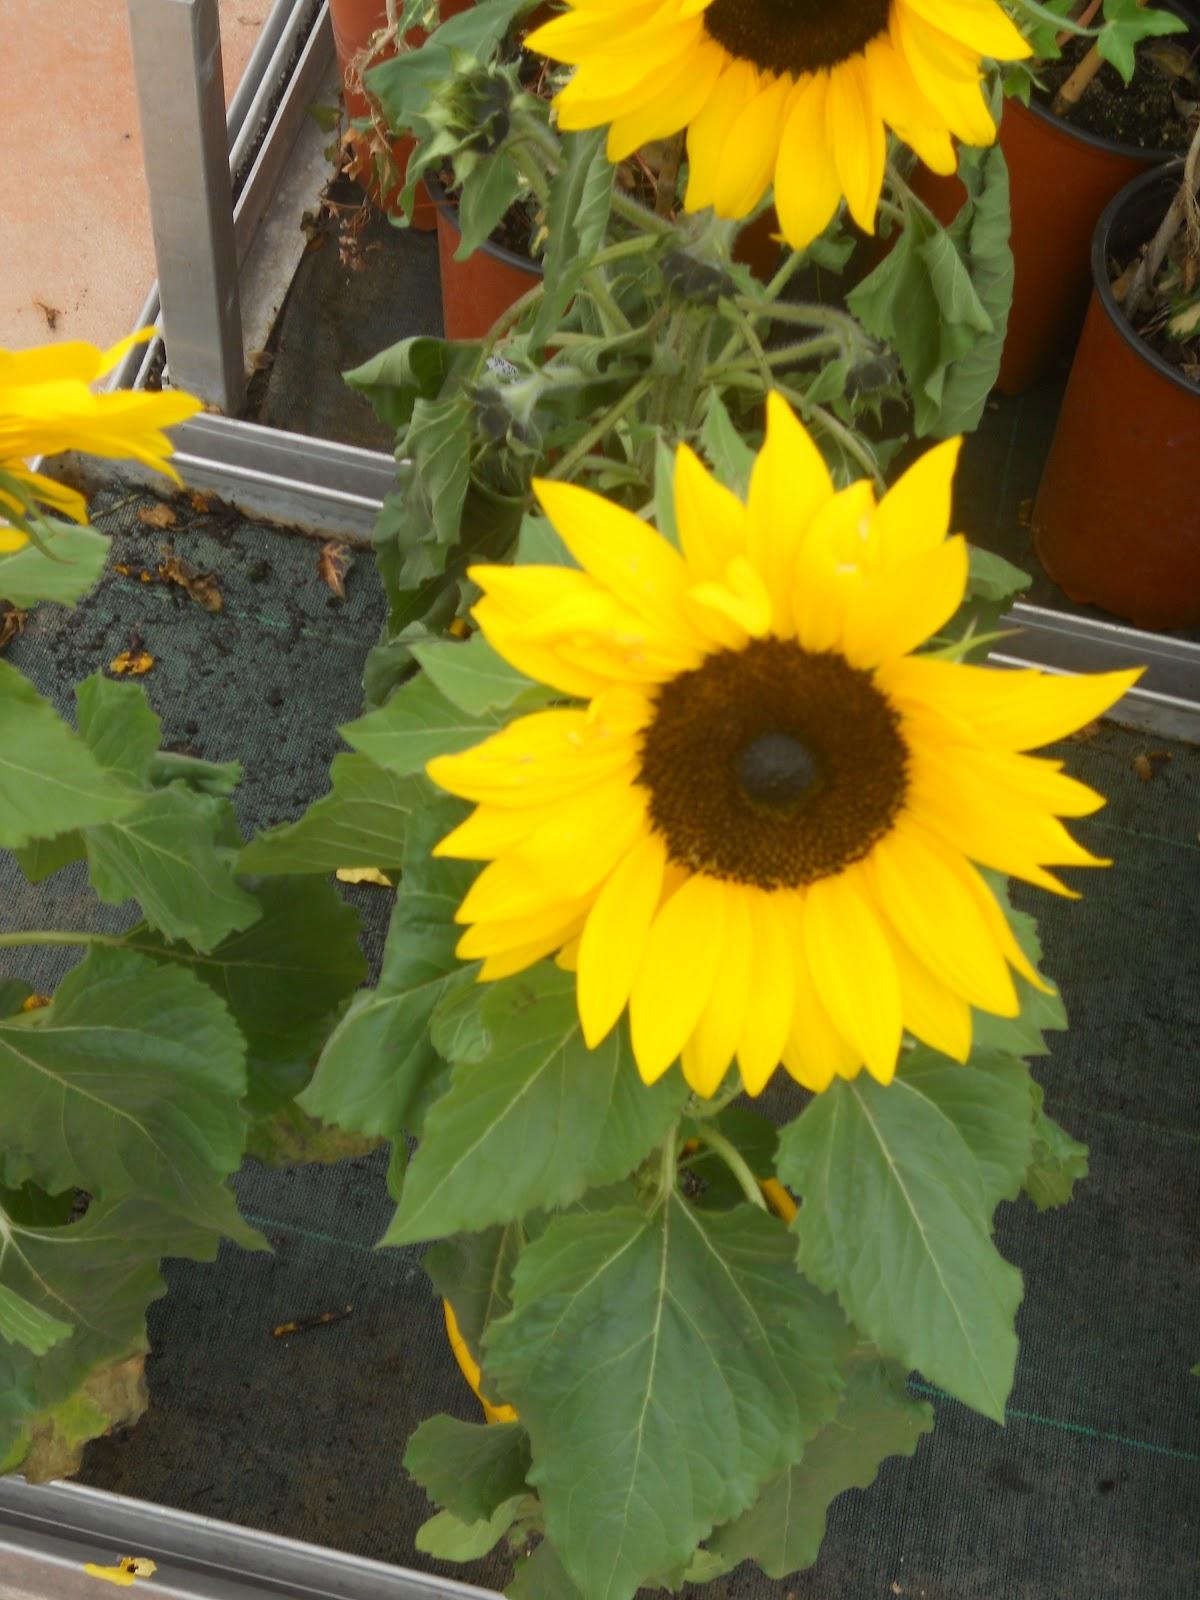 Jardineria eladio nonay jardiner a eladio nonay girasoles - Jardineria eladio nonay ...